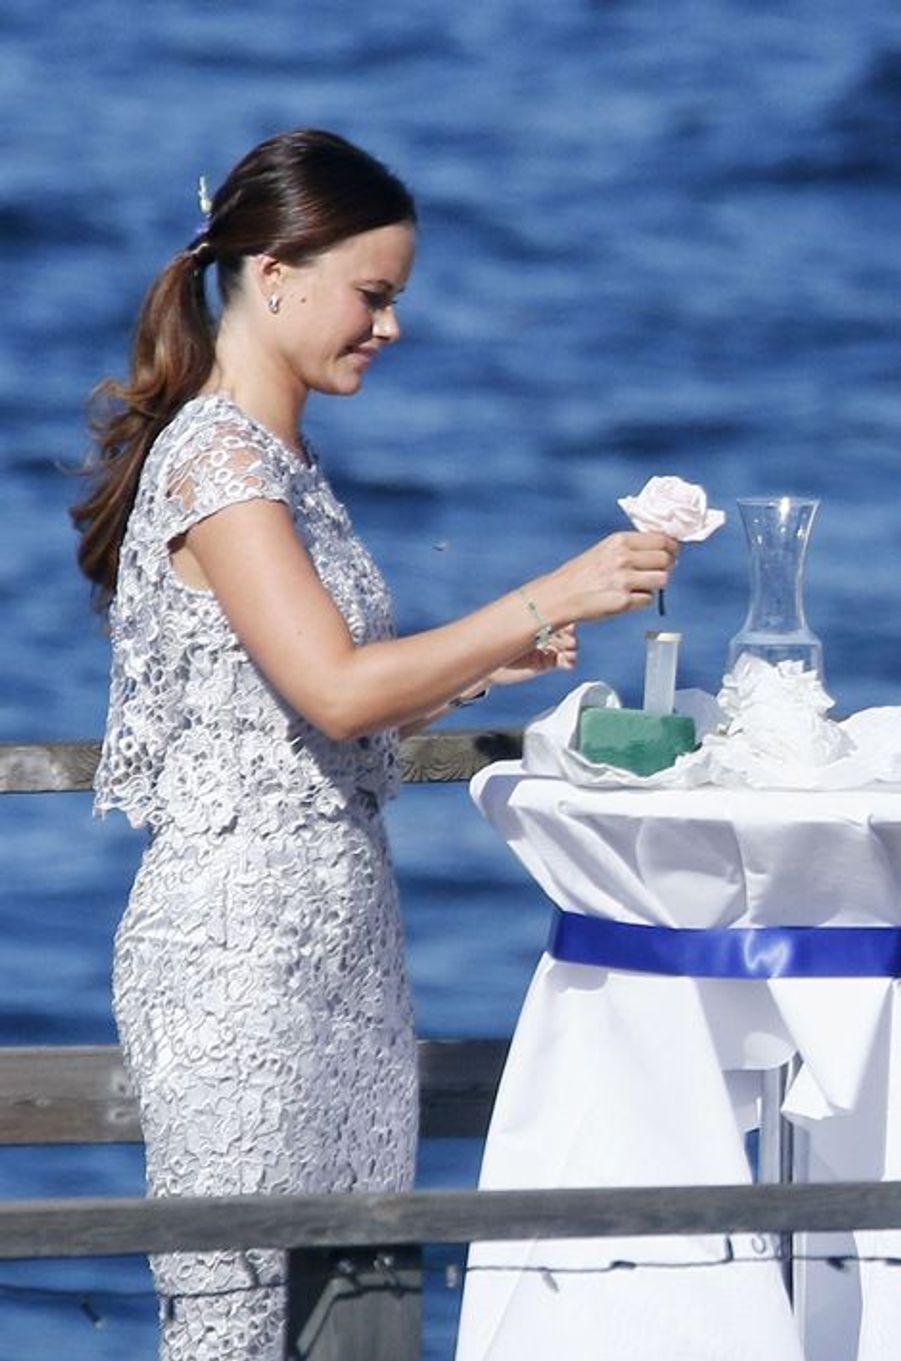 Chacune son tour. Après Sofia, qui a épousé le prince Carl Philip de Suède le 13 juin dernier, sa sœur Lina Hellqvist s'est mariée avec son compagnon ce samedi 22 août à Stockholm. La princesse Sofia était l'une de ses deux demoiselles d'honneur, la seconde étant leur autre sœur Sara.Chaque dimanche, le Royal Blog de Paris Match vous propose de voir ou revoir les plus belles photographies de la semaine royale.